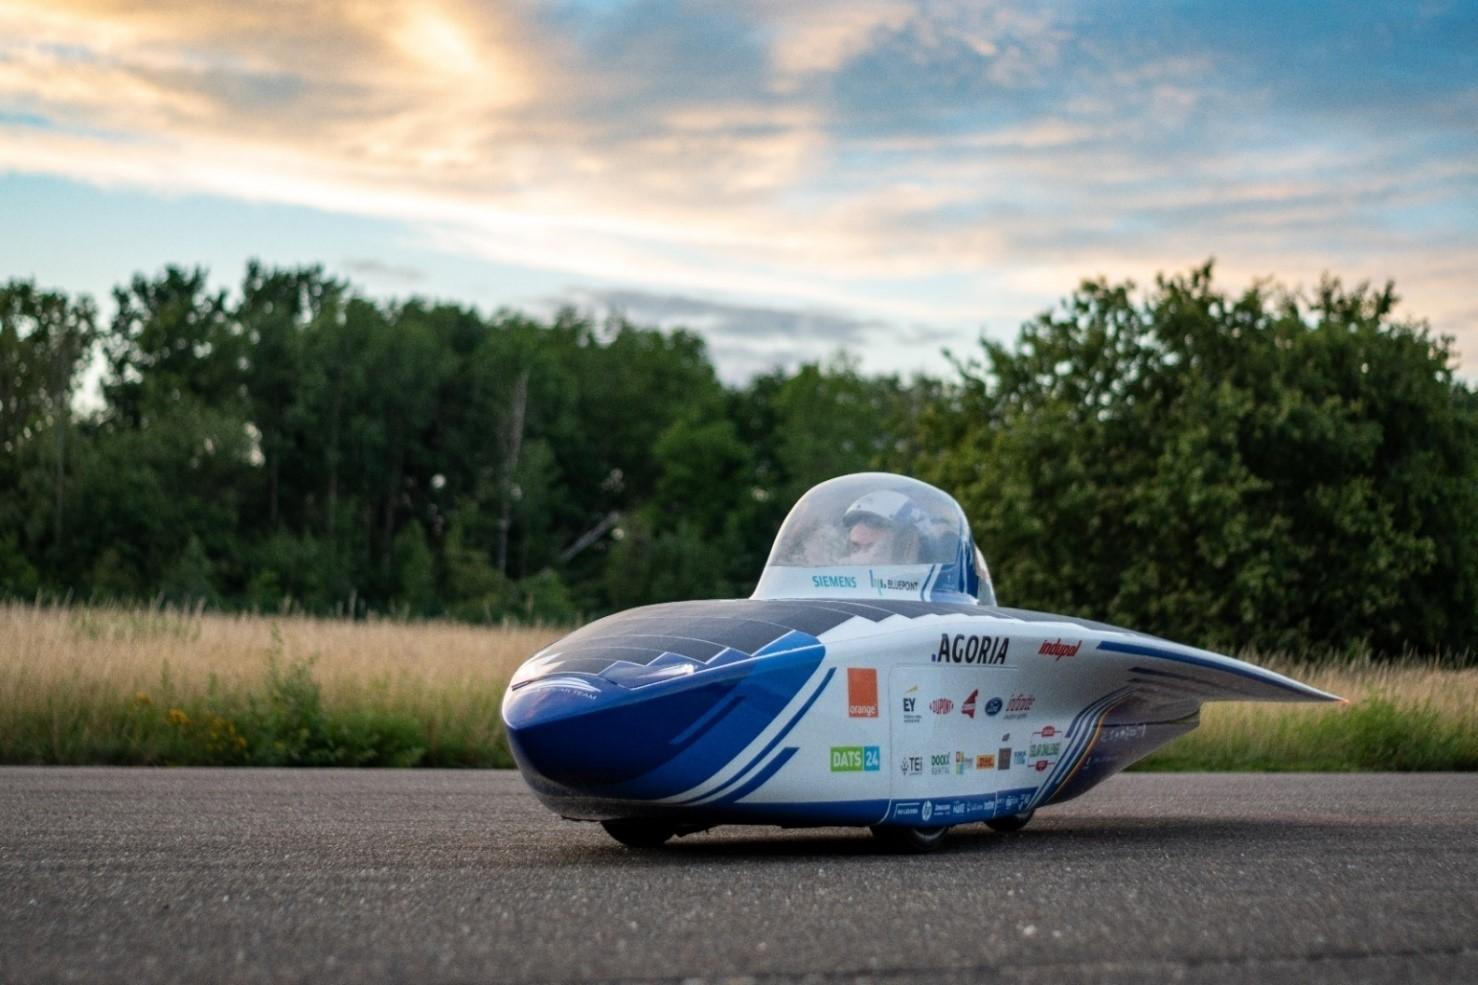 2021-Agoria-Solar-Team-Car